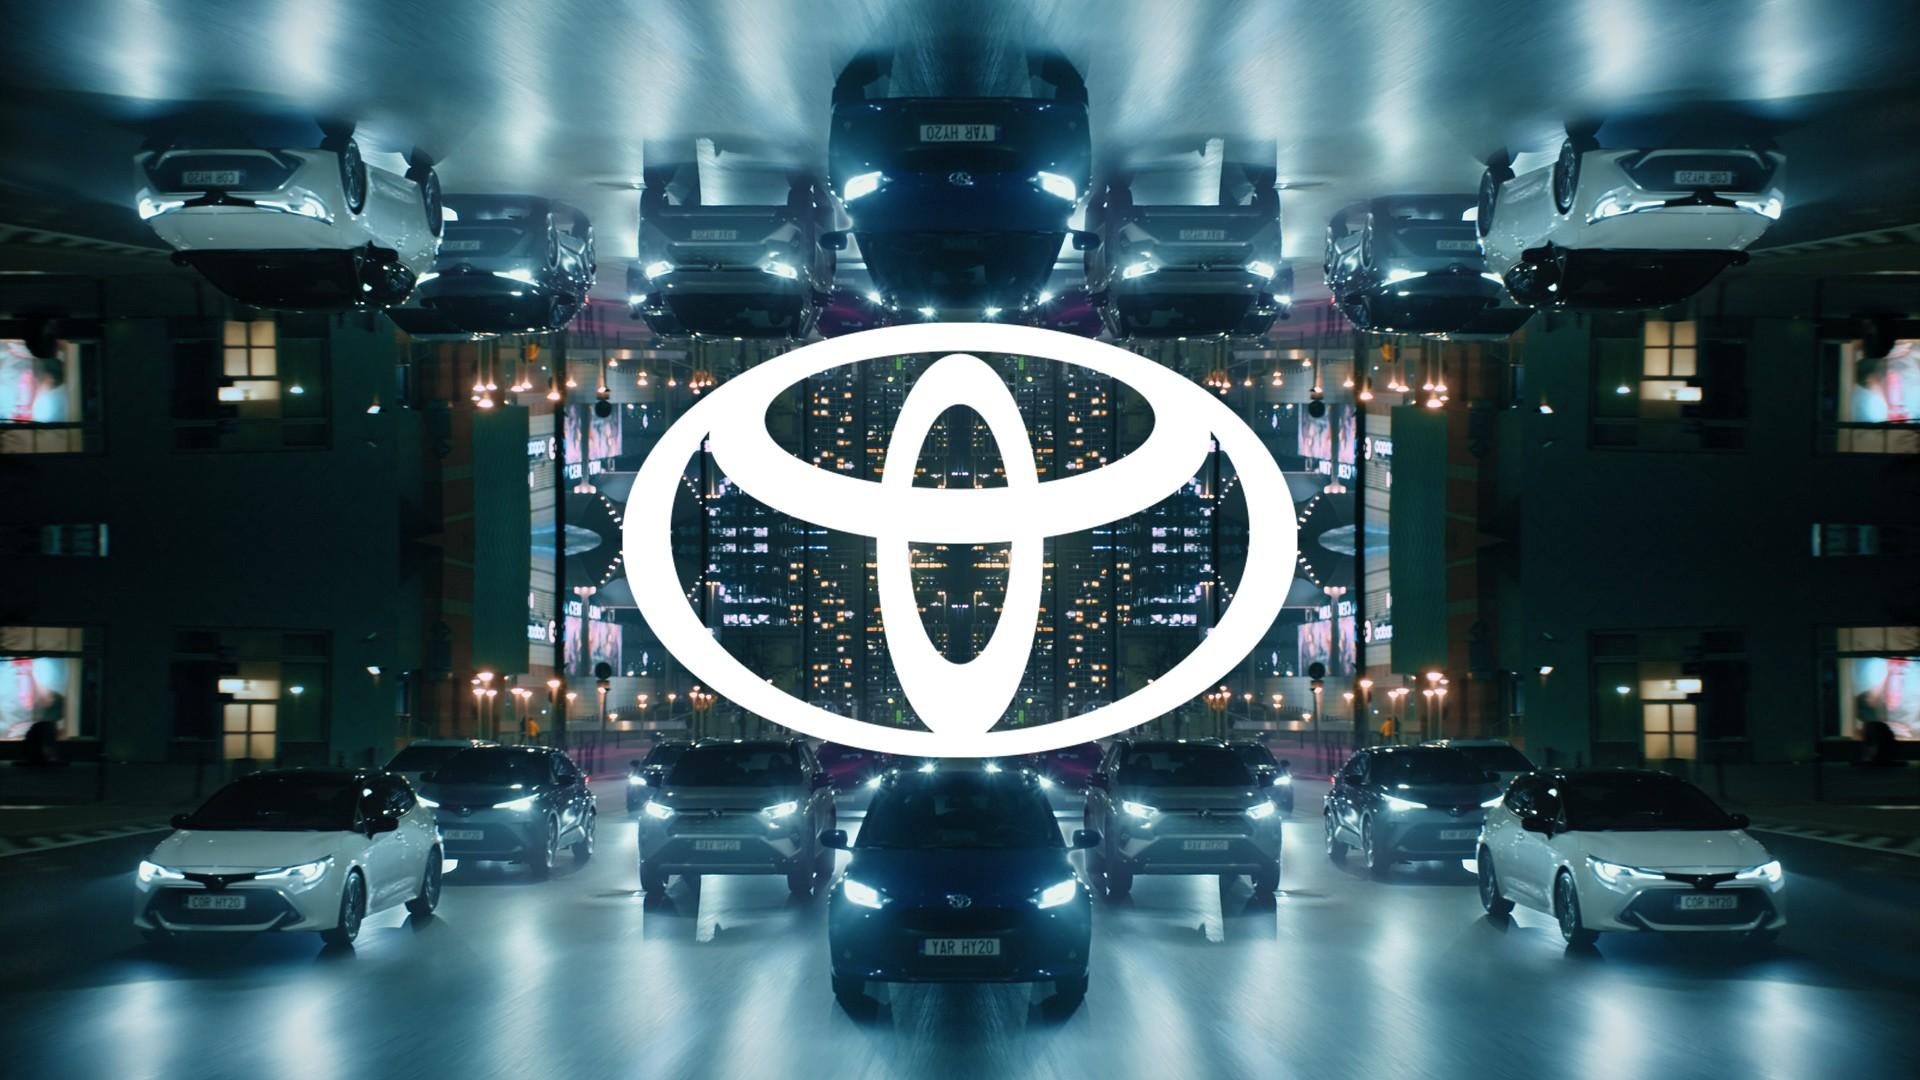 Setelah Nissan Kini Toyota Juga Memperbarui Logo Dengan Gaya Flat Design Whiteboard Journal